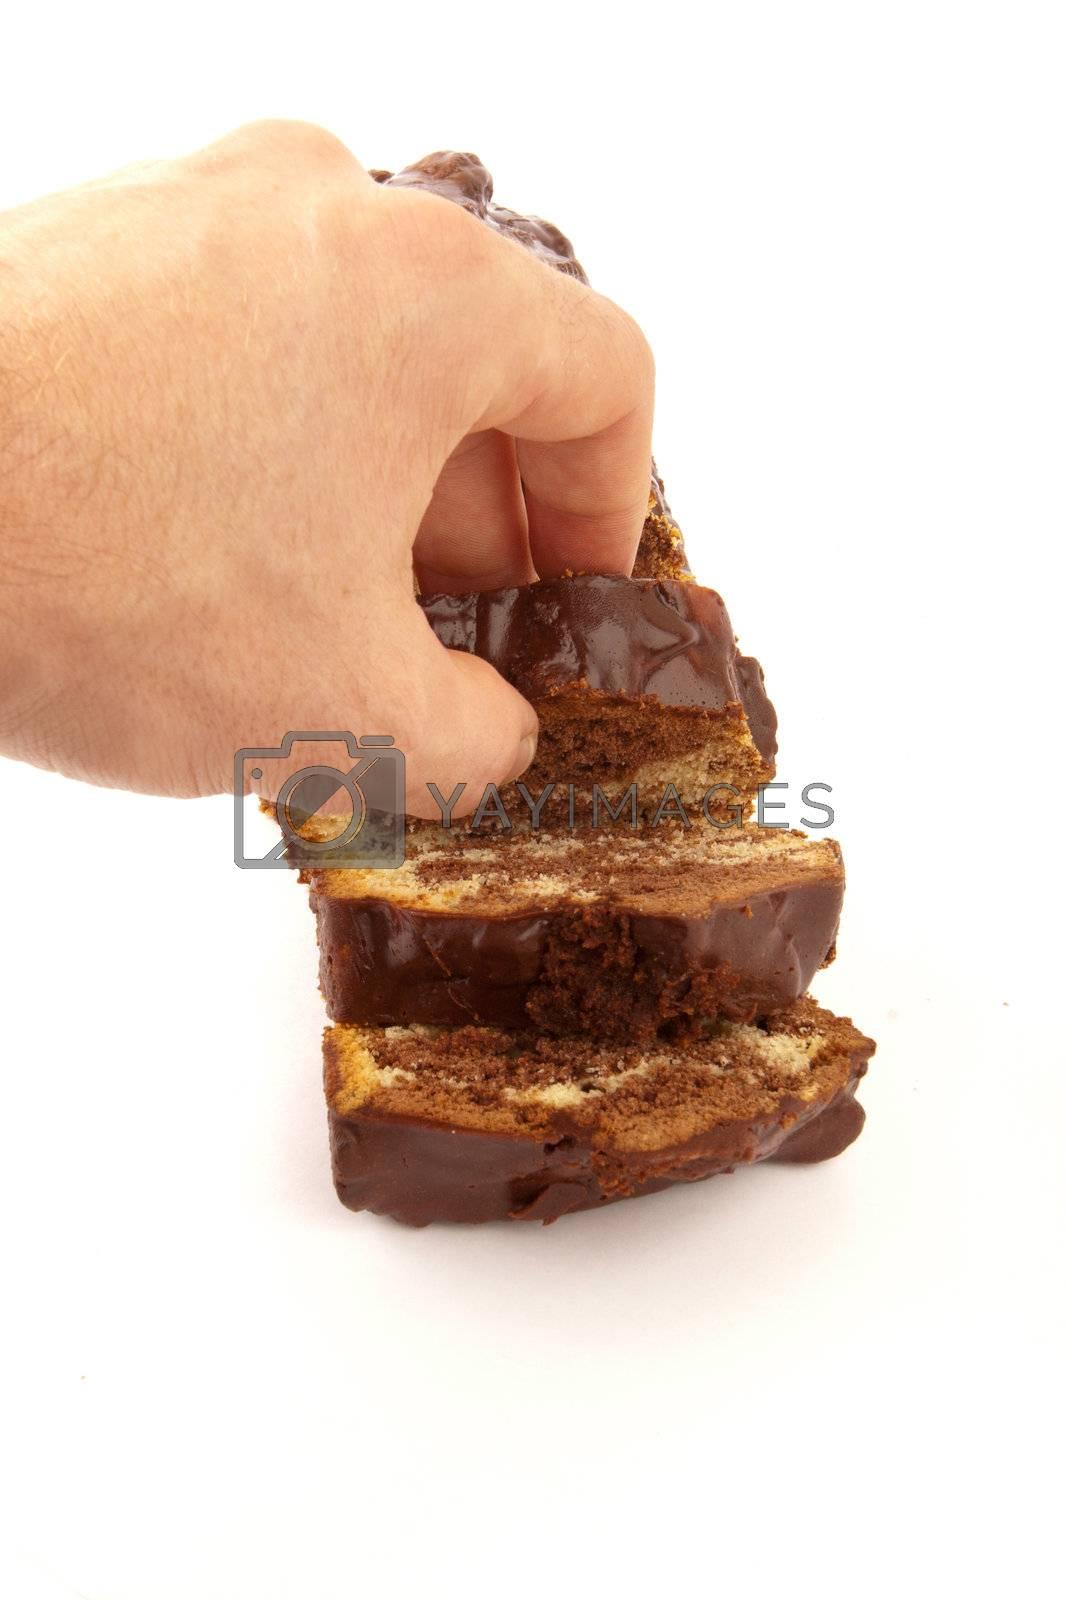 Royalty free image of chocolate cake by niavuli